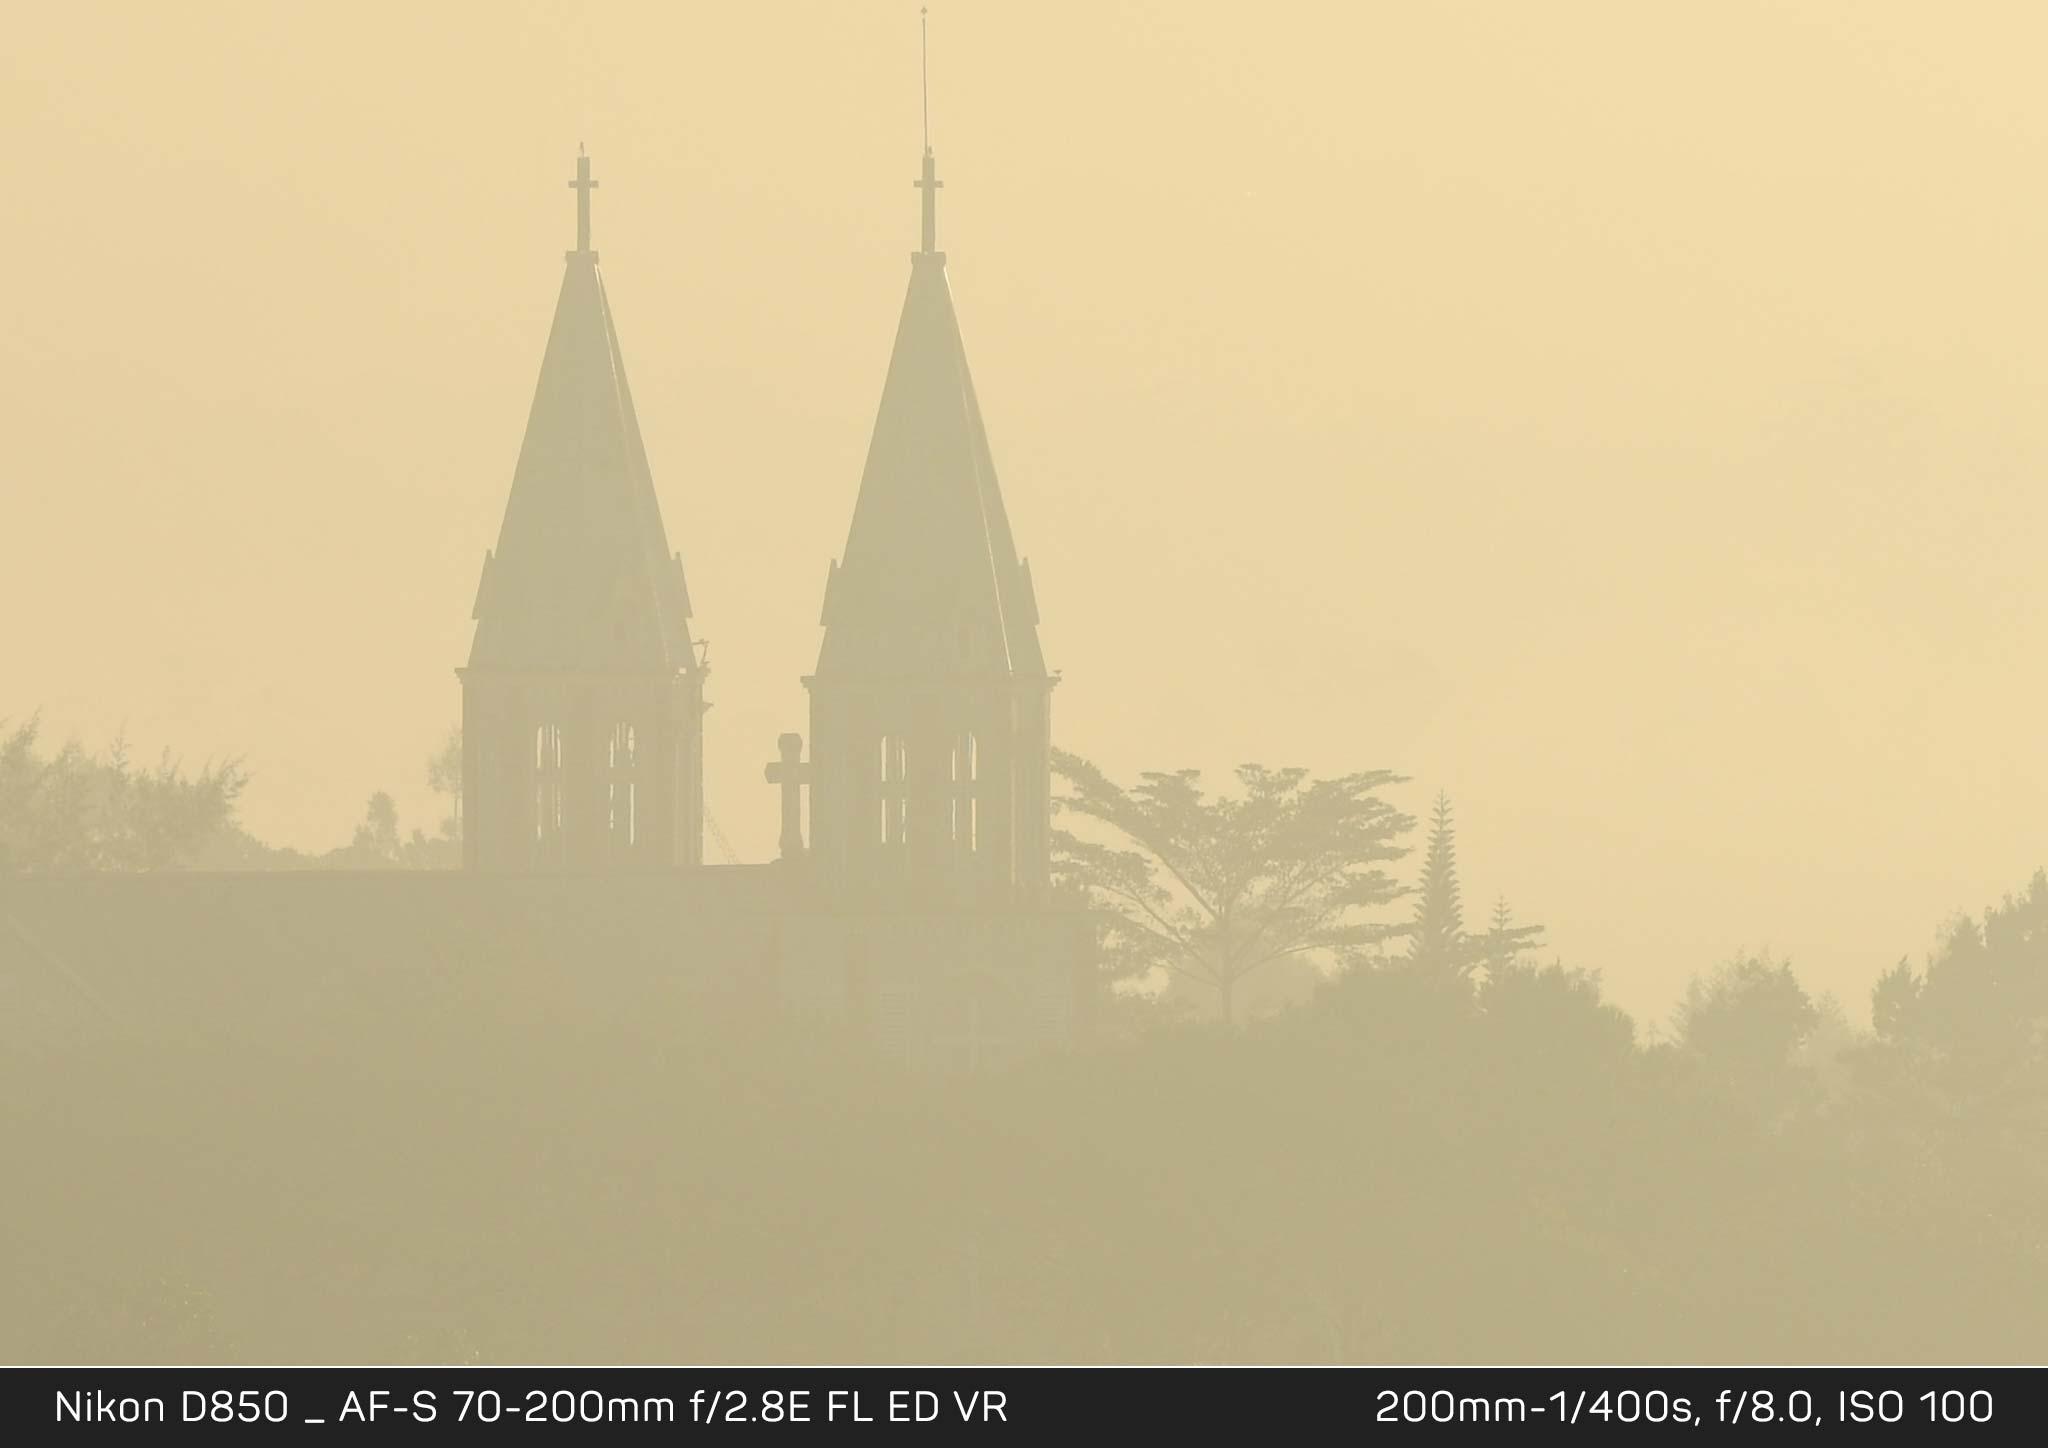 Đang tải Nikon-D850_nguoc-sang_KH2_6330-Crop.jpg…